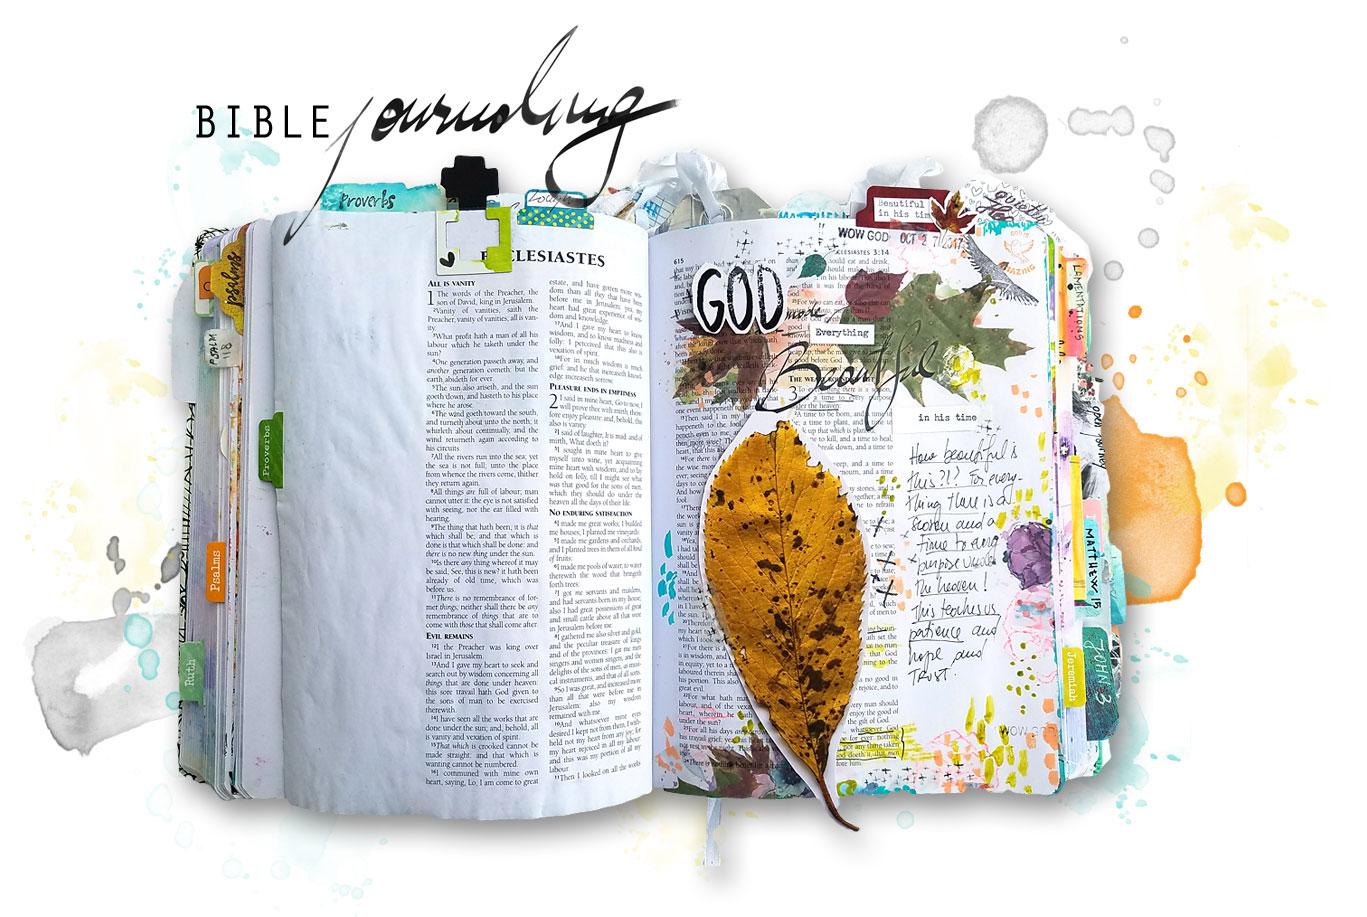 bibleJournaling.jpg